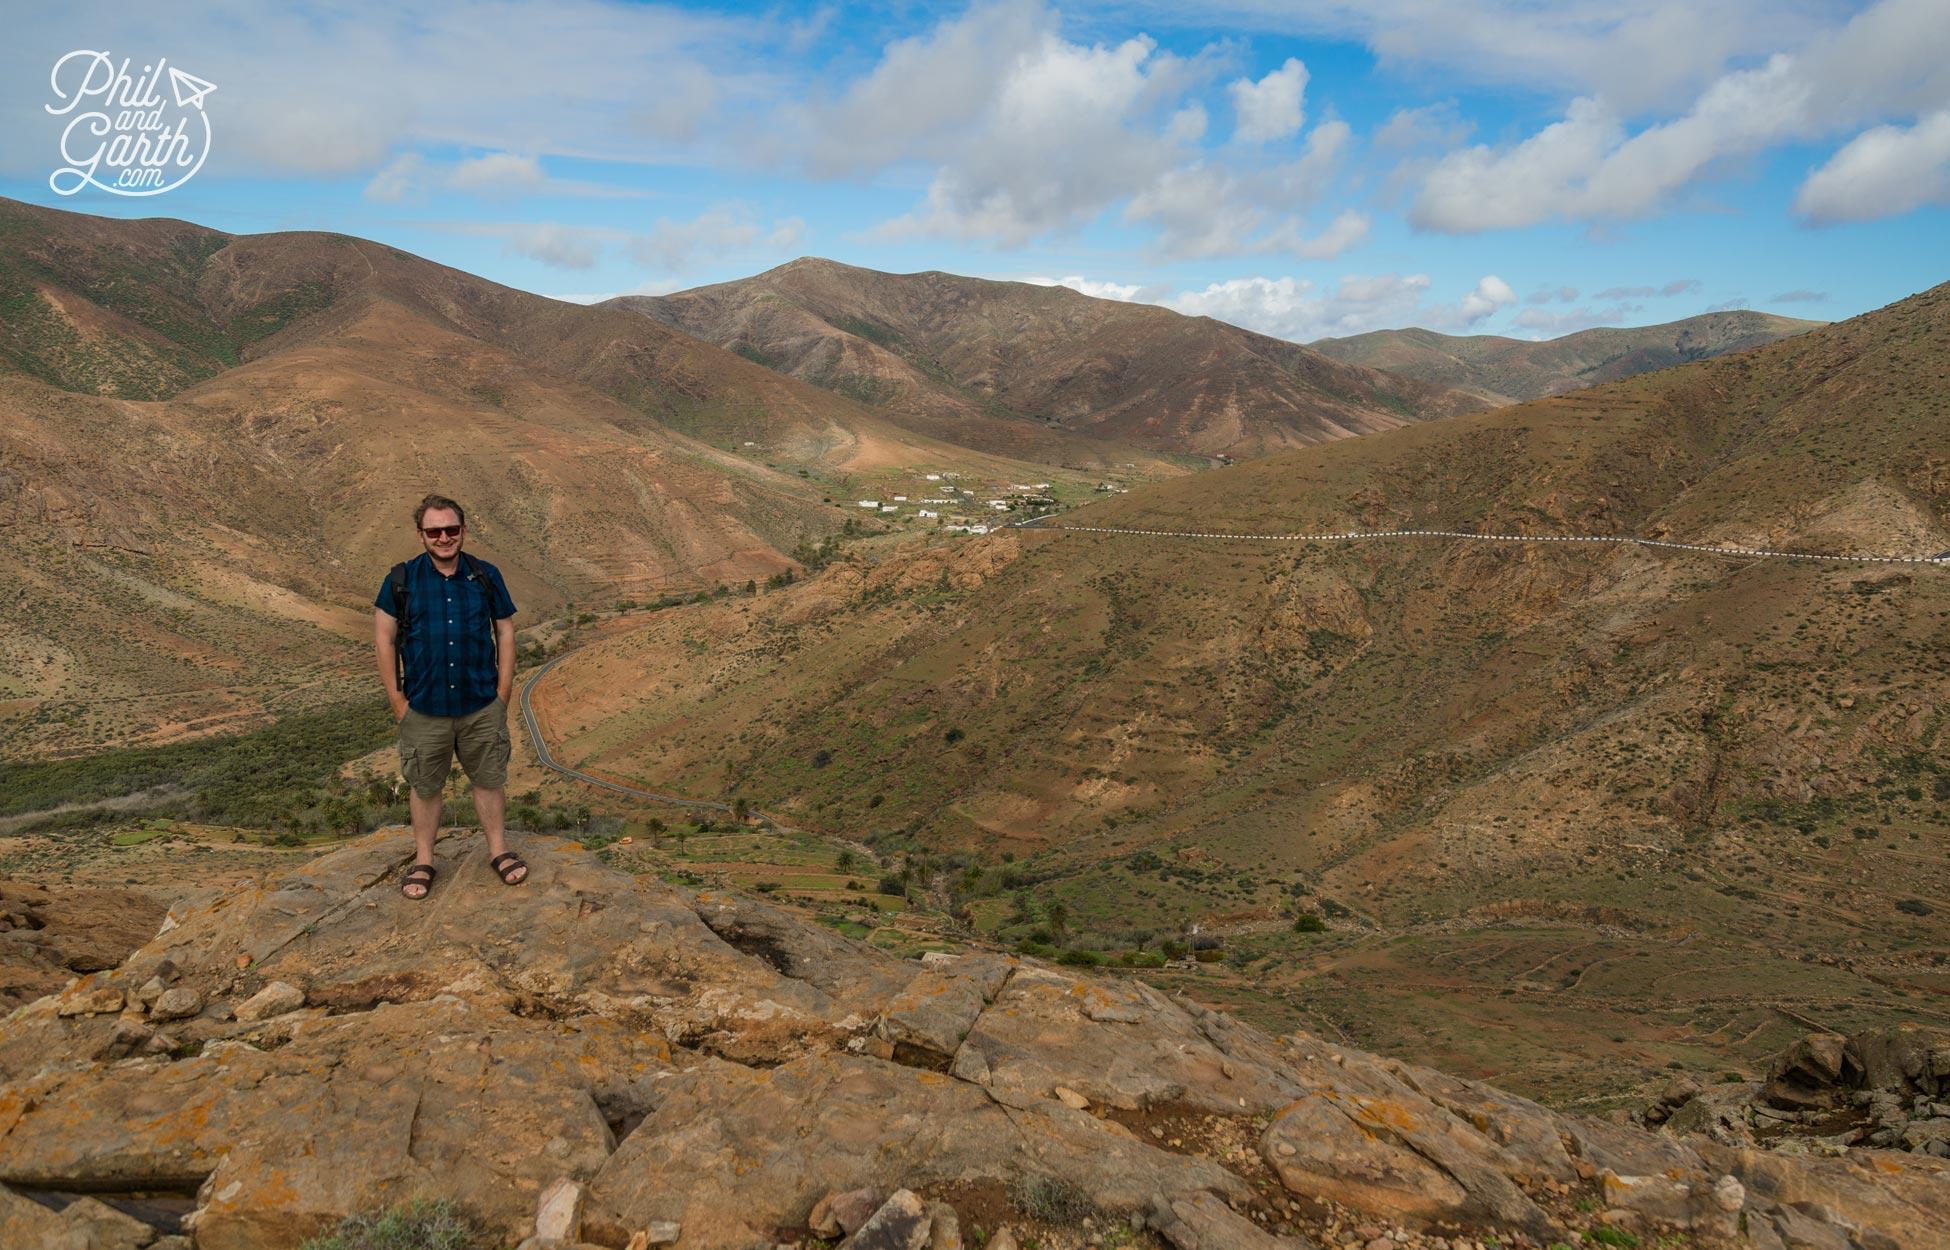 Garth at the Mirador Las Penitas viewpoint